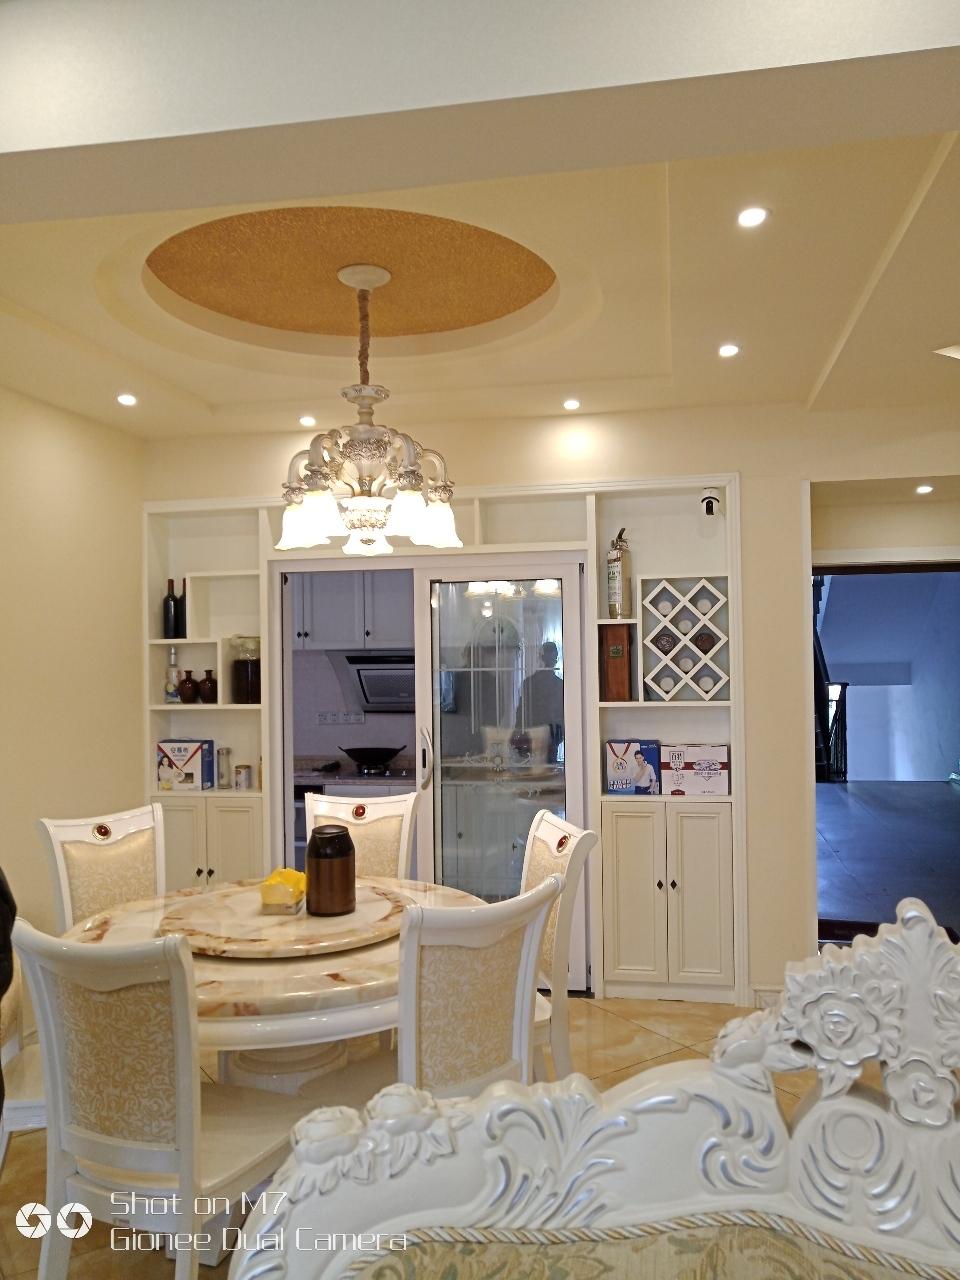 美地华府128平米精装3室2厅2卫83.8万元